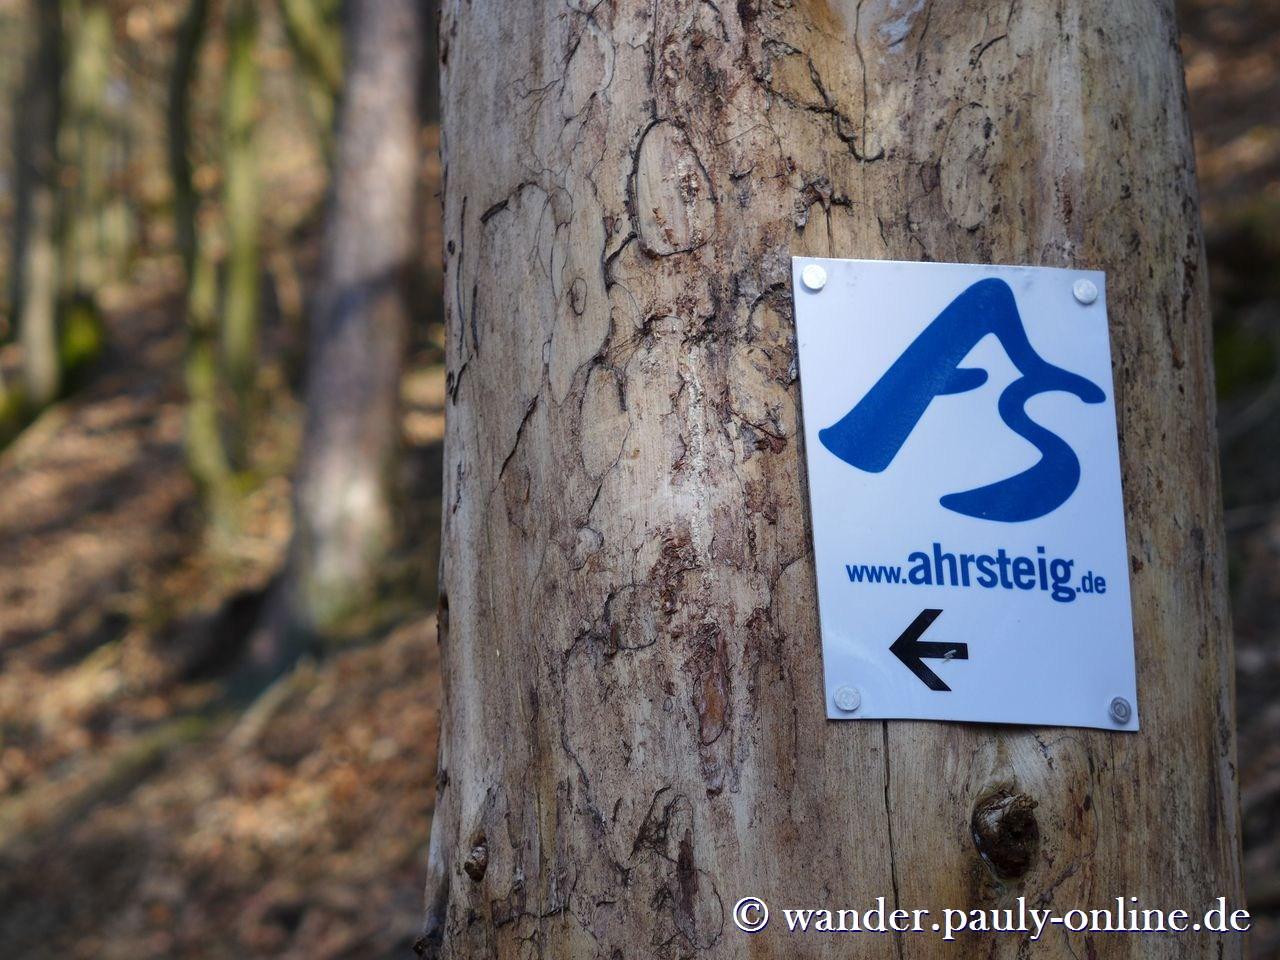 Ahrsteig - Logo